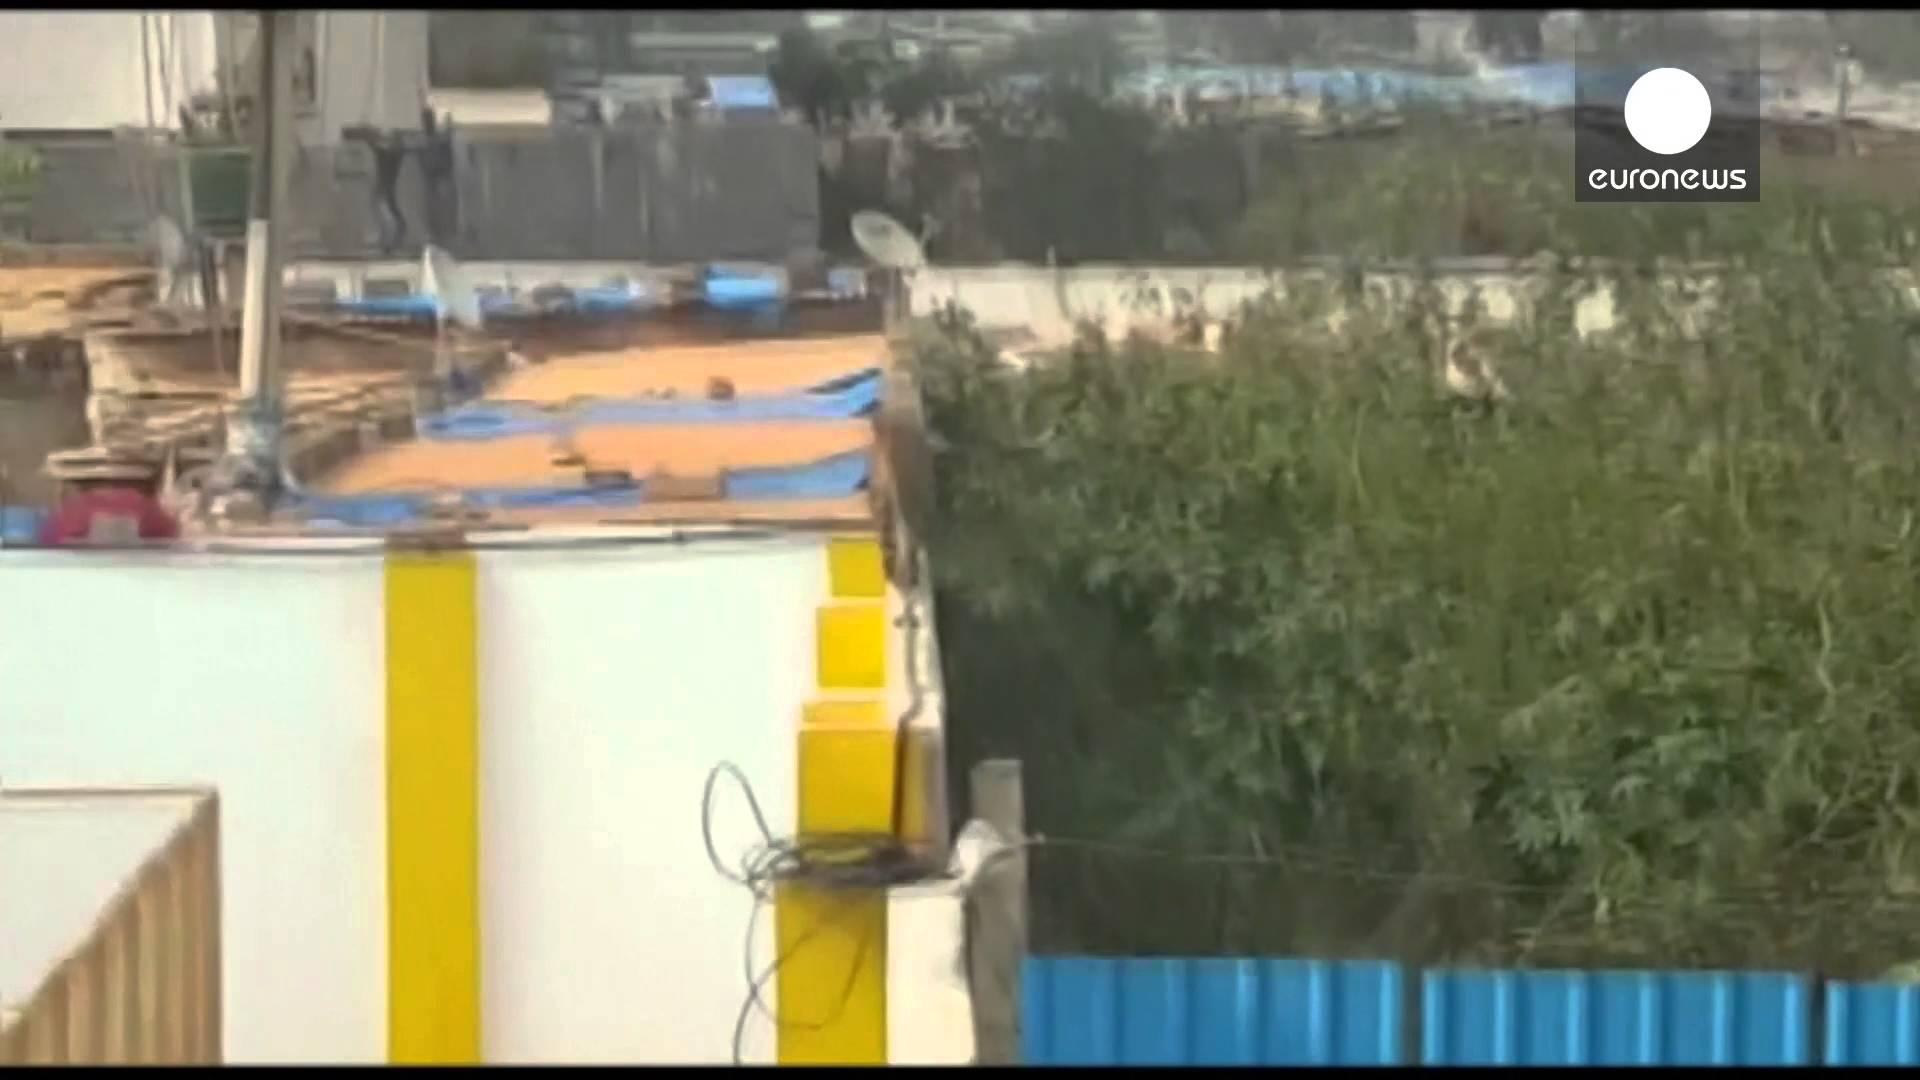 نمر يهاجم عاملا داخل احدى المدارس بالهند